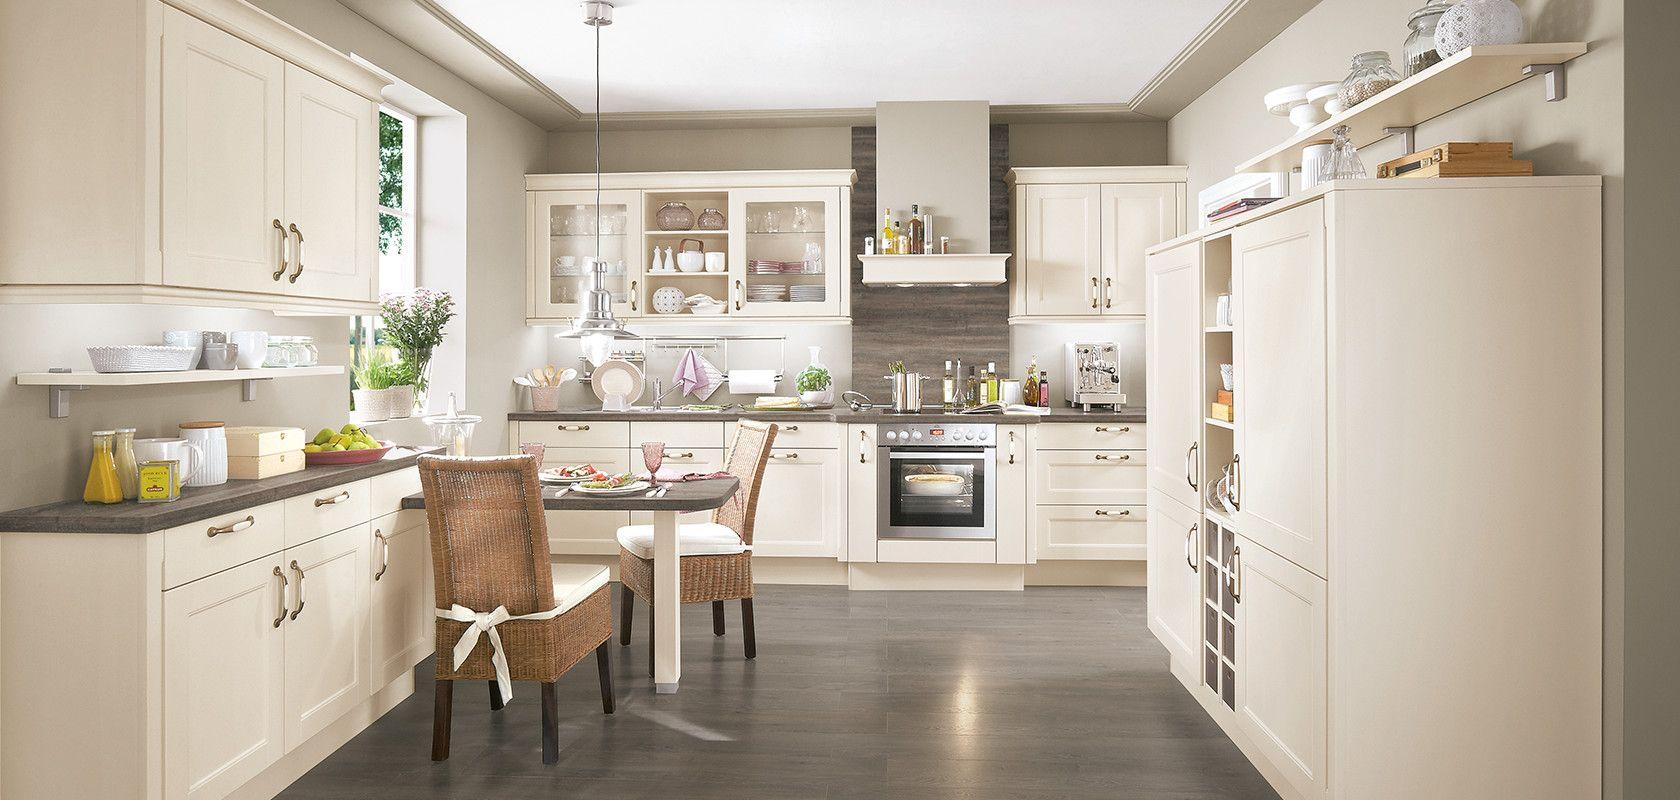 LUCCA 20, Magnolia matt (Moderner Landhaus-Stil)  nobilia Küchen